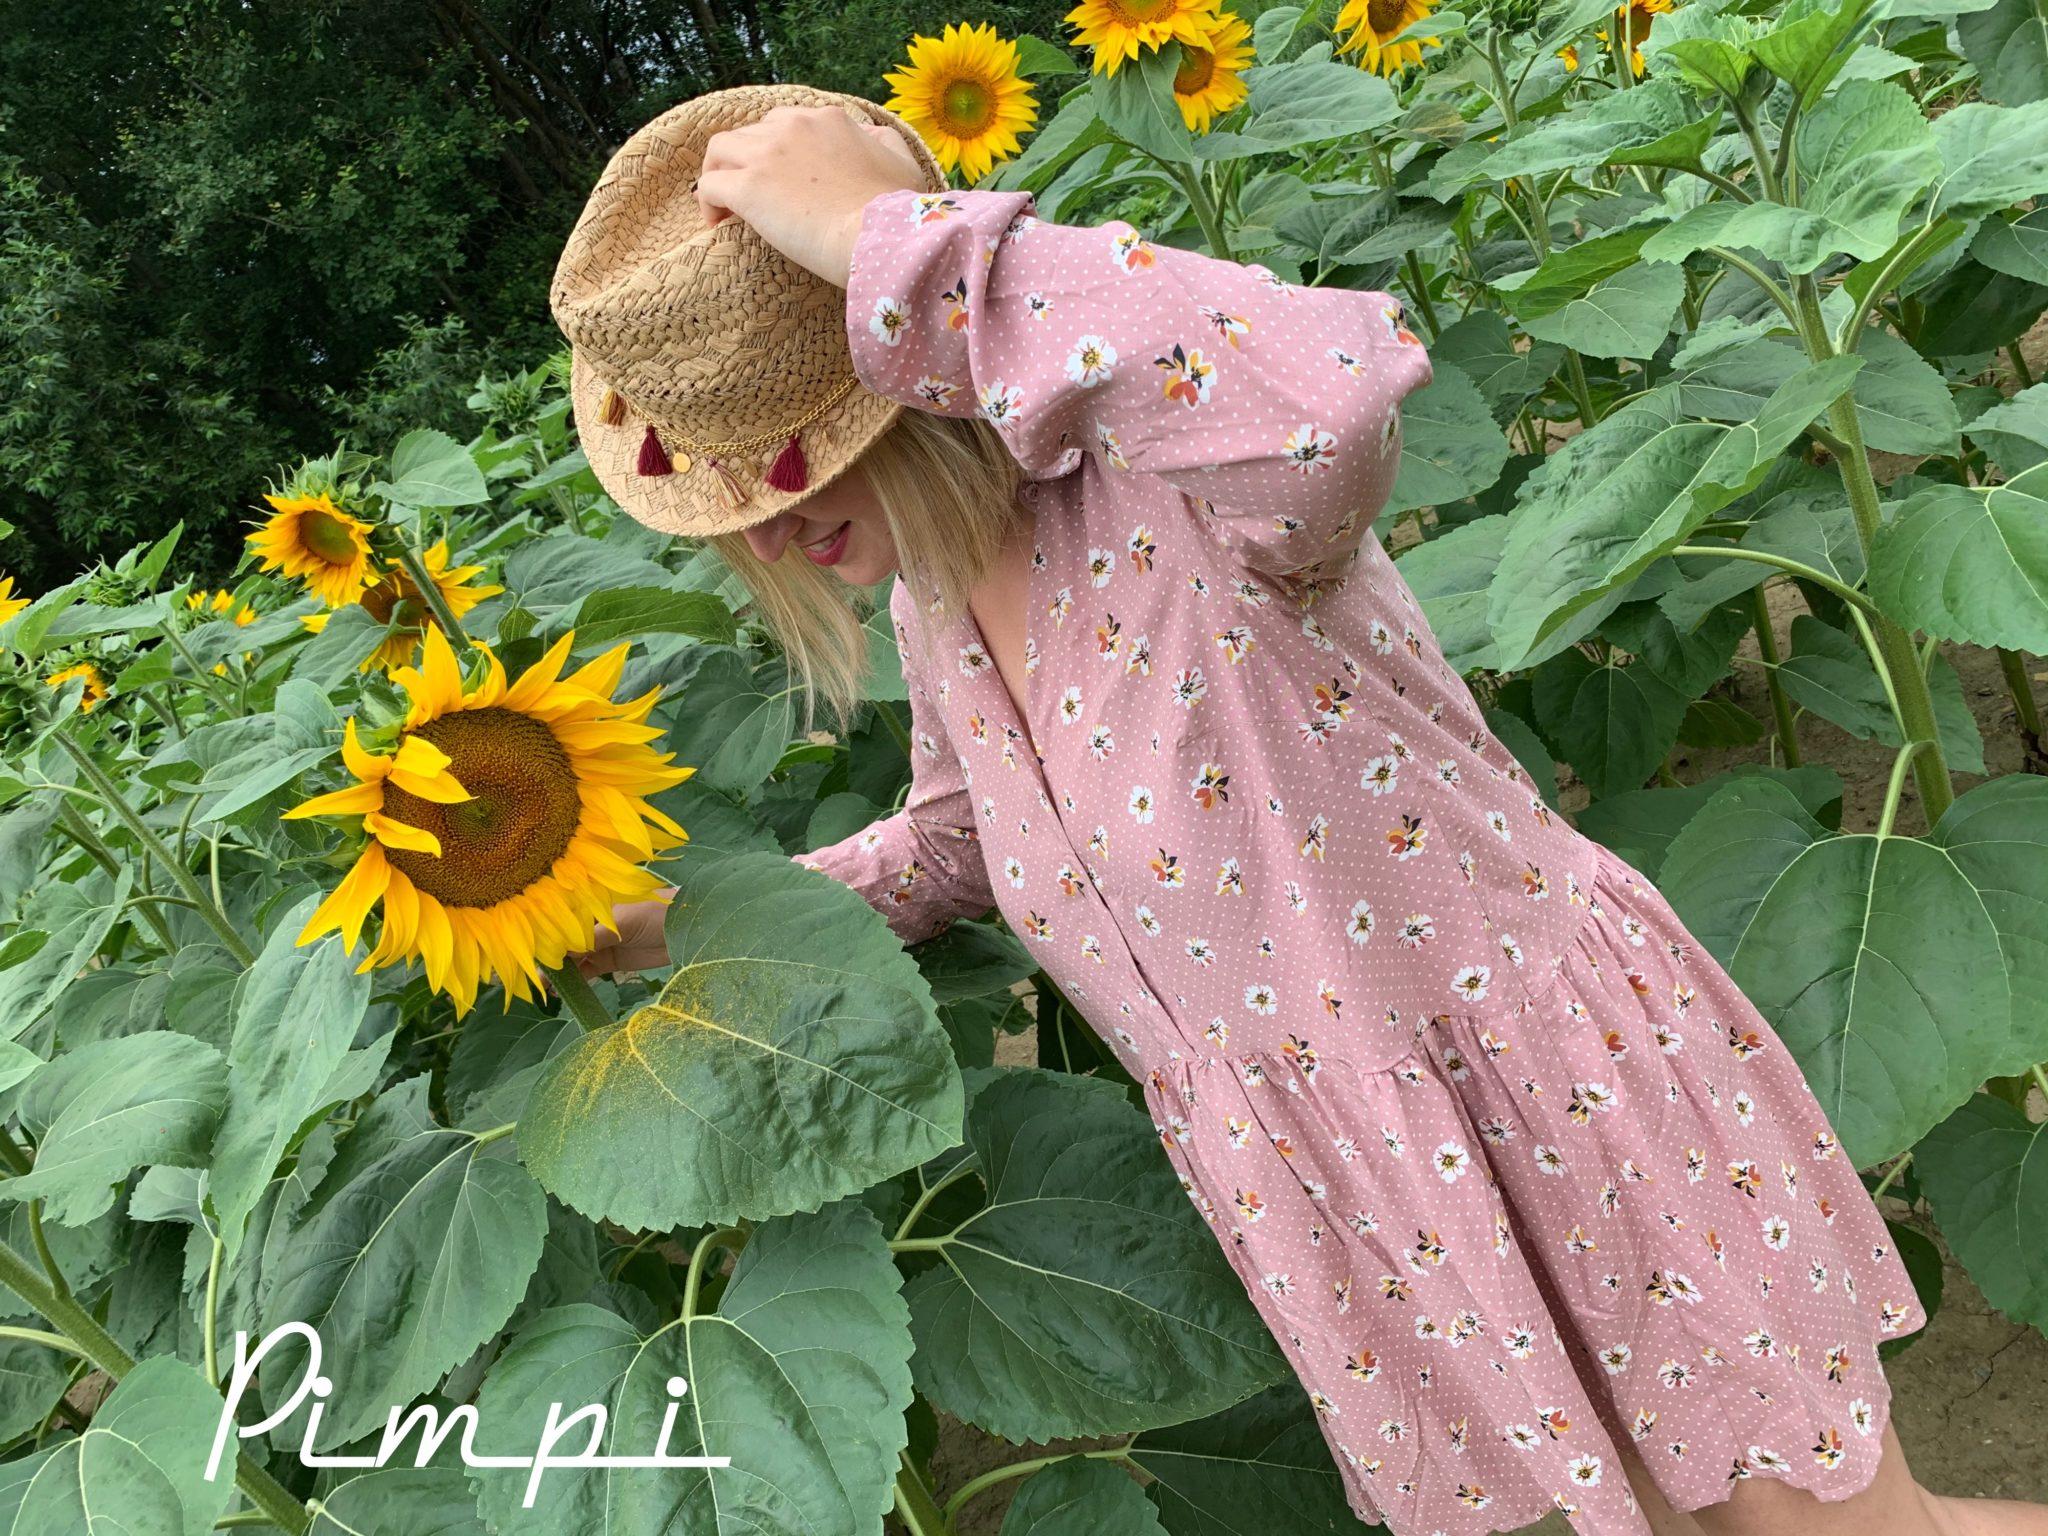 pimpi-bábo do sveta-mama blog-mama blogerka-slnečnice-bonprix-bonprixitsme-šaty-oblečenie-letné šaty-fotenie-cestuj s deťmi-korona-pandémia-ťažké časy-postrehy-nesúď-neodkladaj-eshop-objednávky